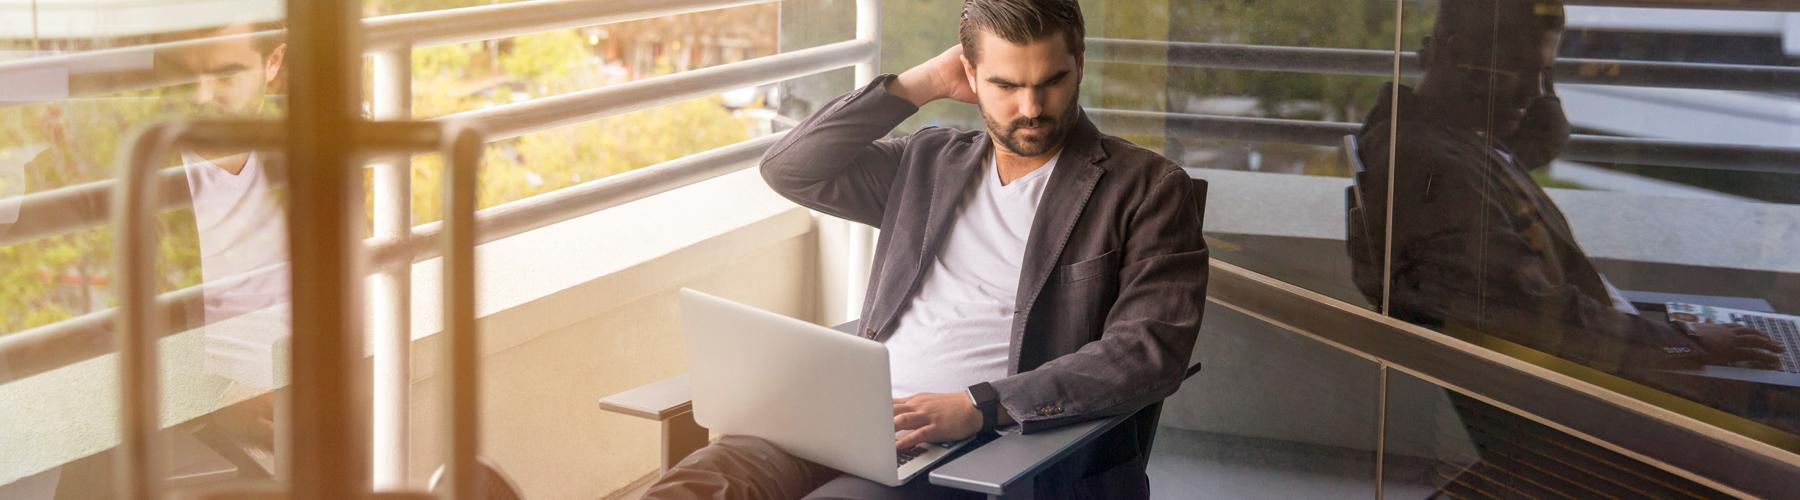 5 conseils marketing pour les gérants de PME